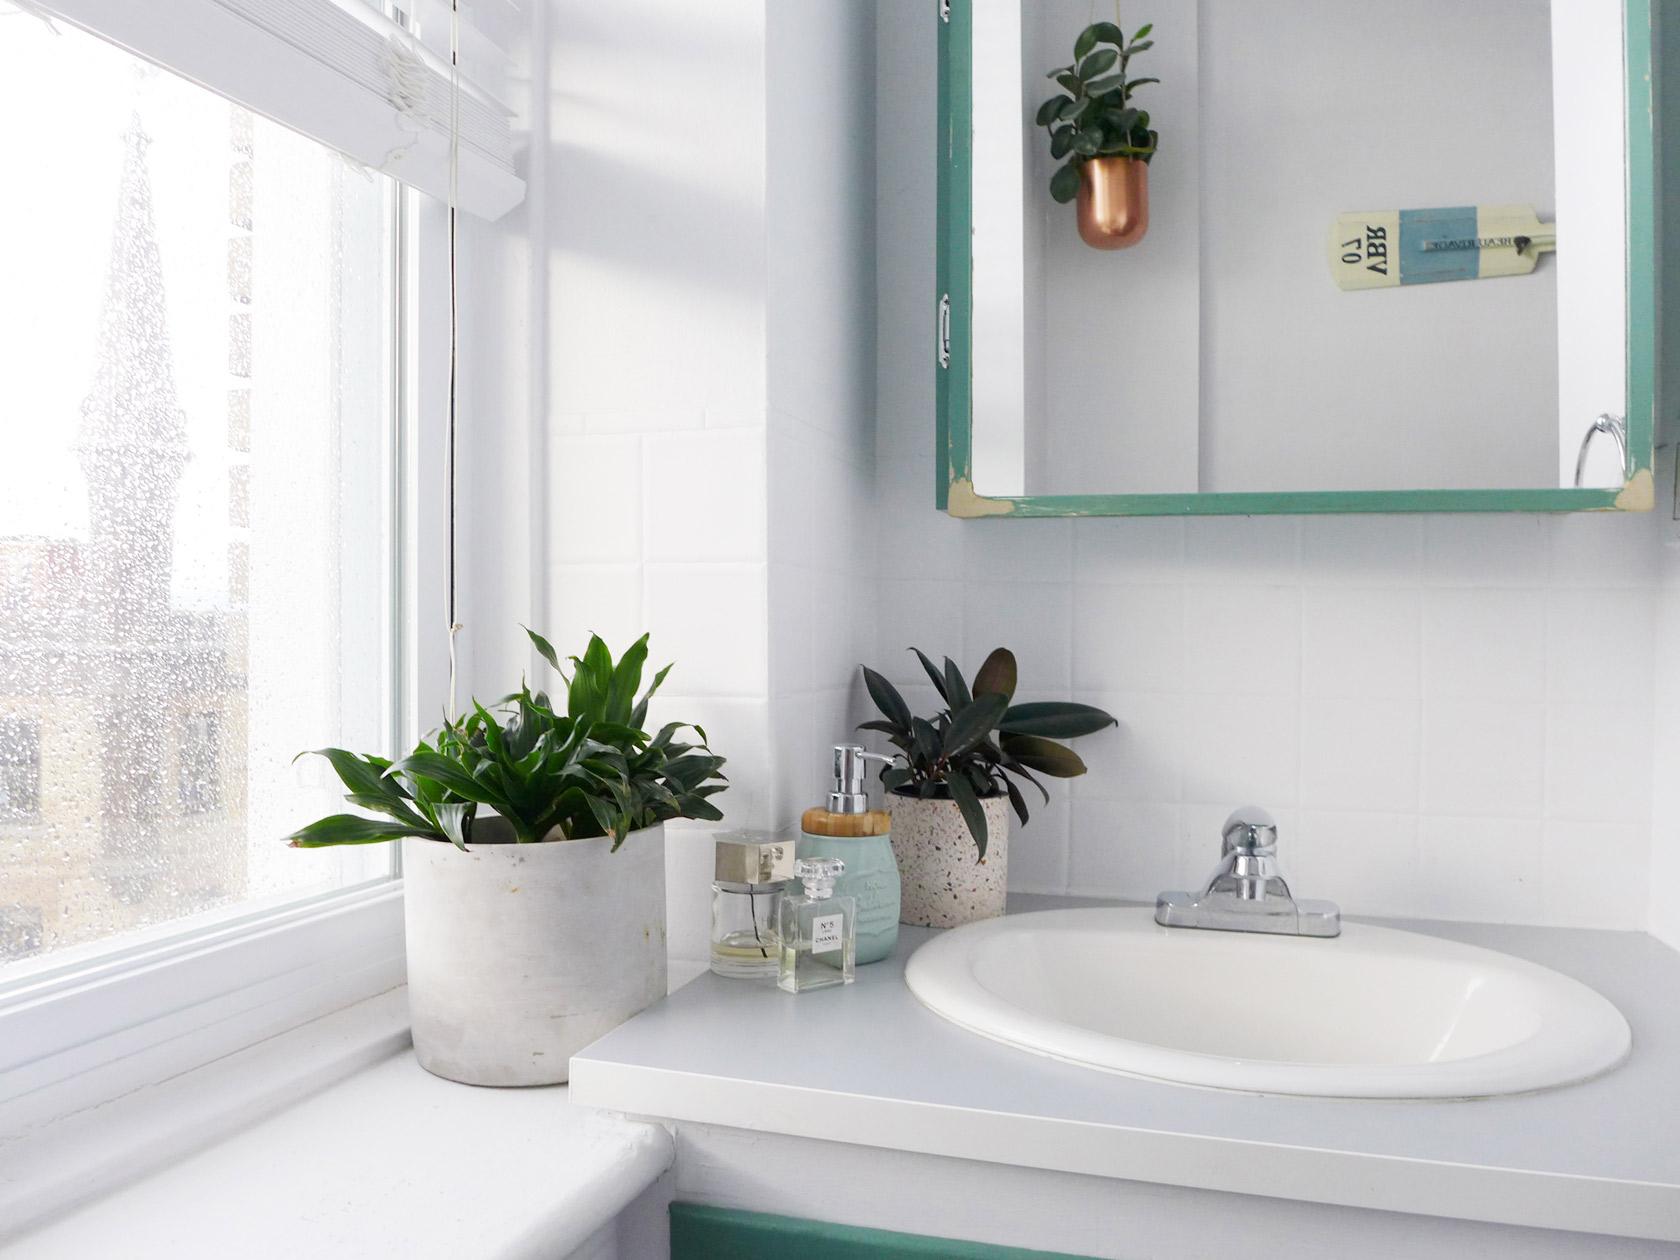 Réalisation du studio d'architecture et de décoration Skéa Designer. Jaune soleil. Dans la salle de bain la vasques ont proches de la fenêtre.